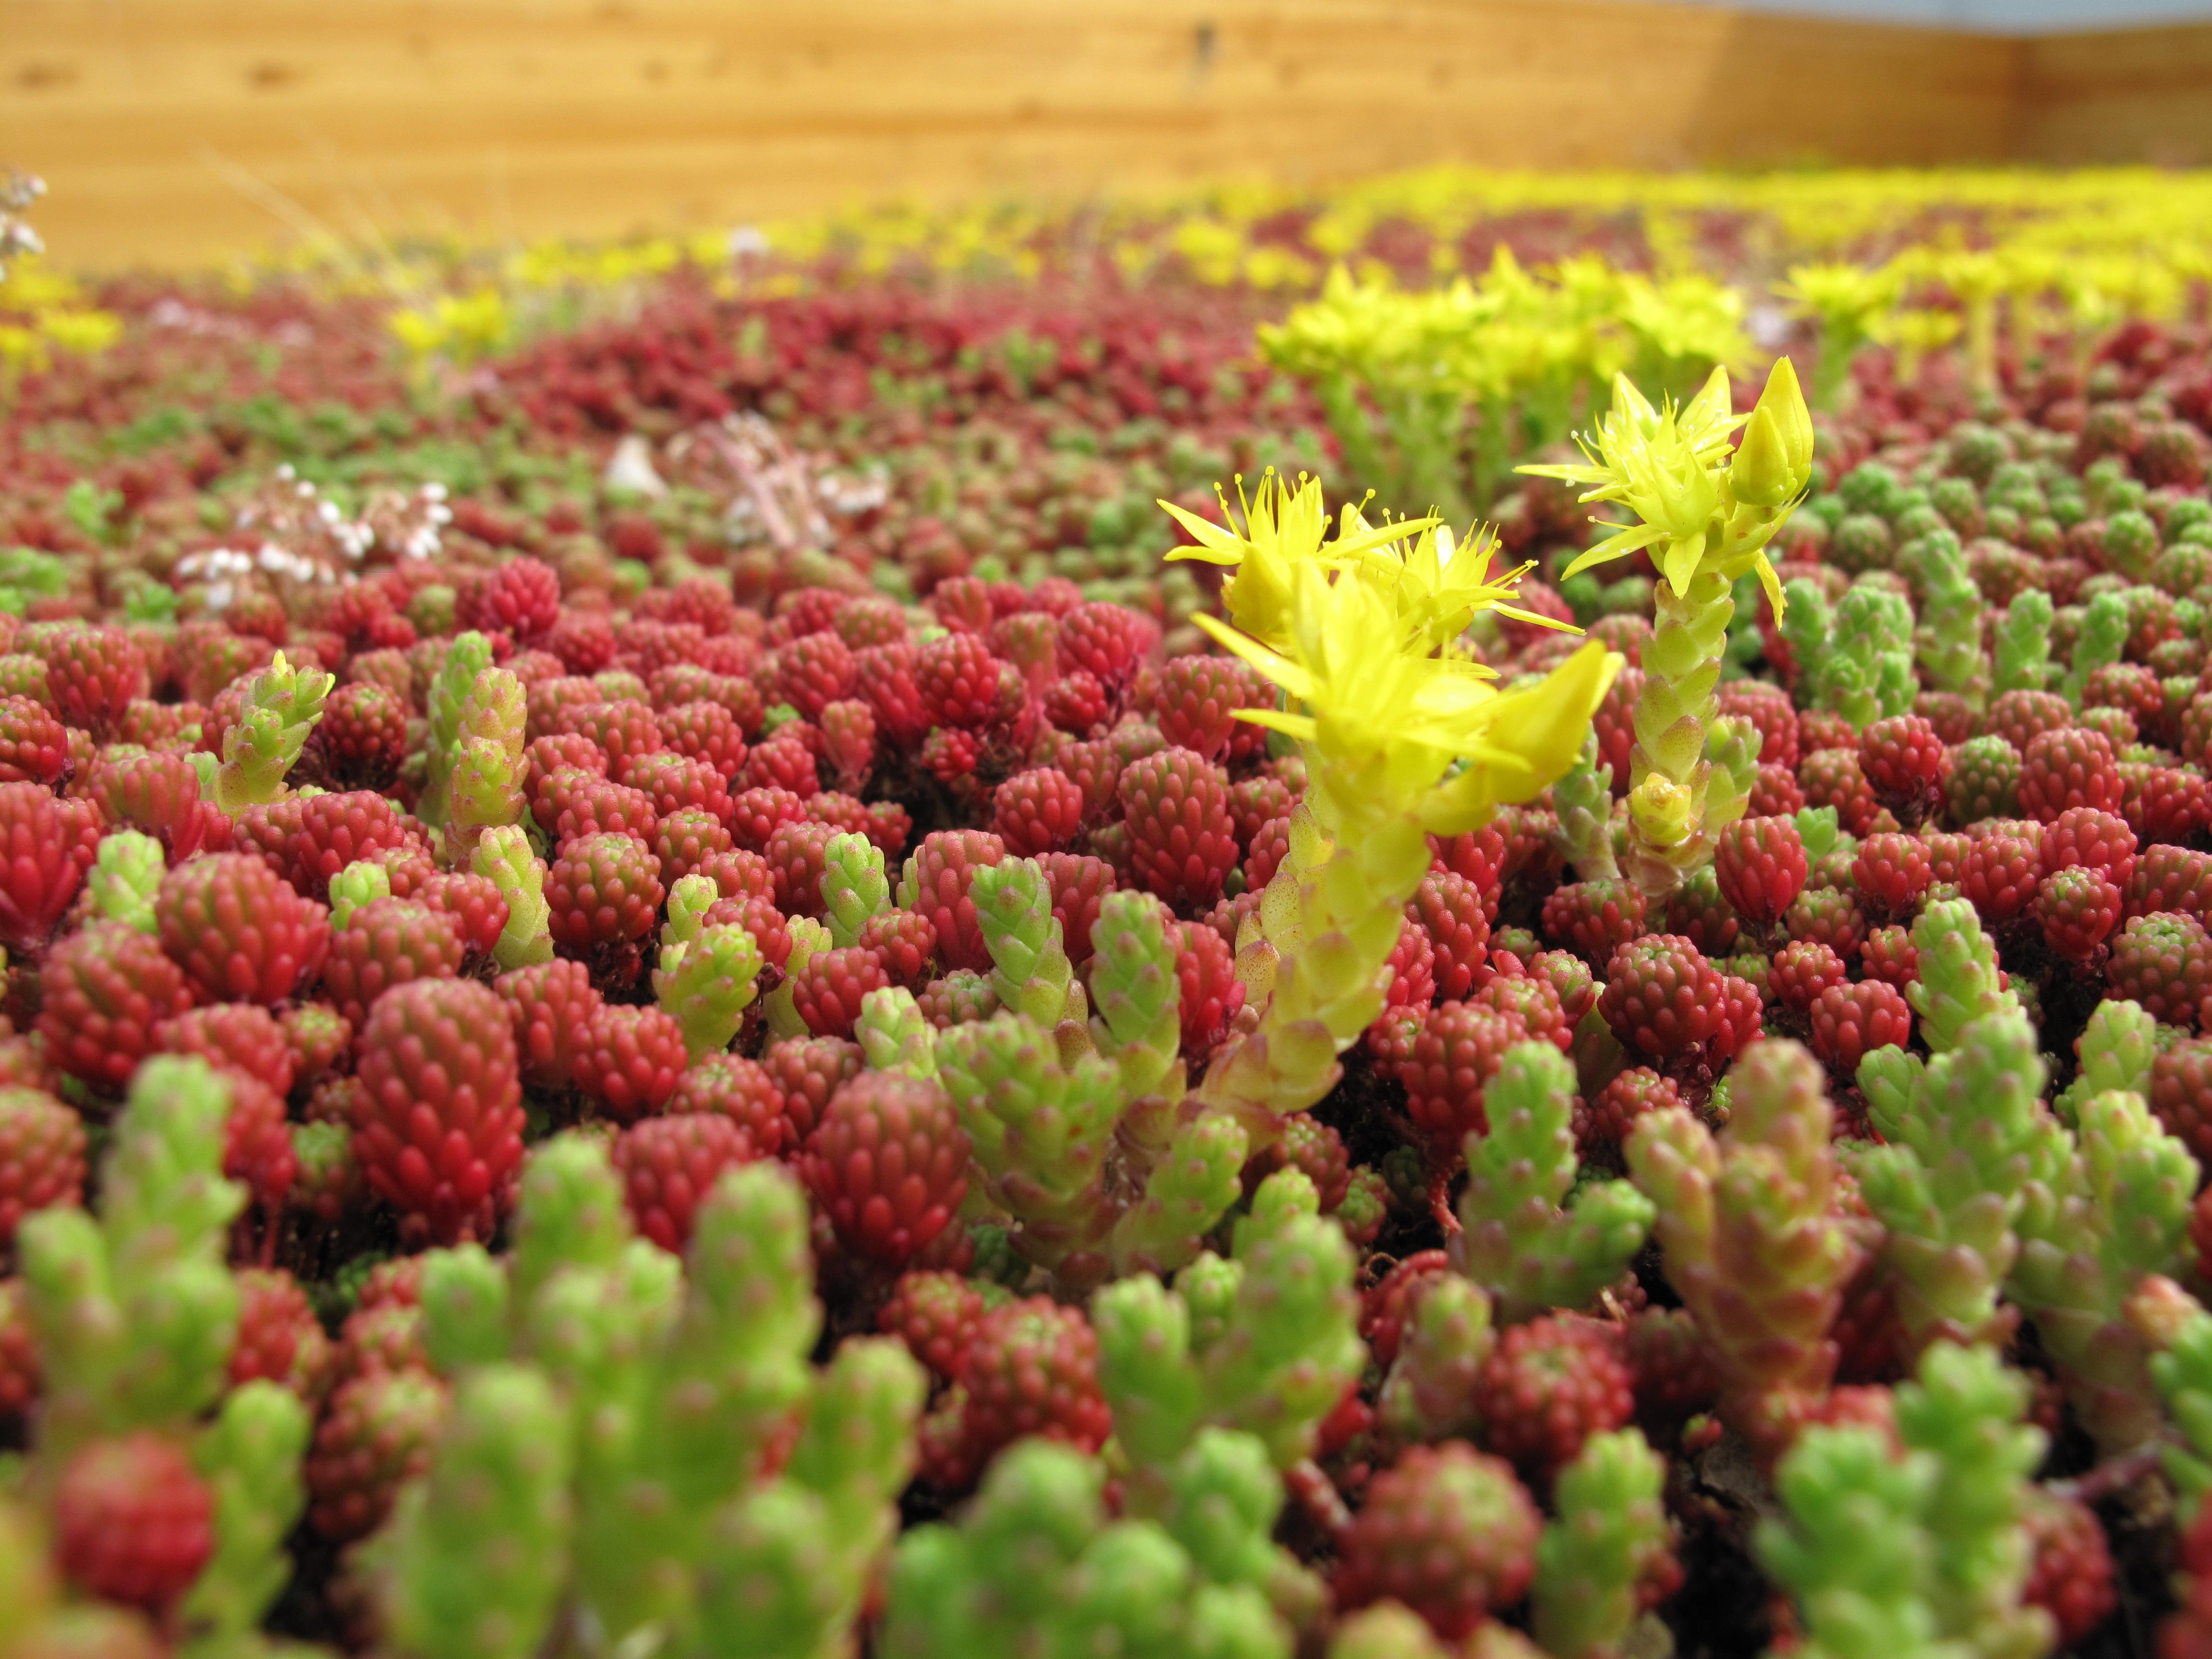 Groendak een dak vol vetplantjes groendak - Daken en volumes ...